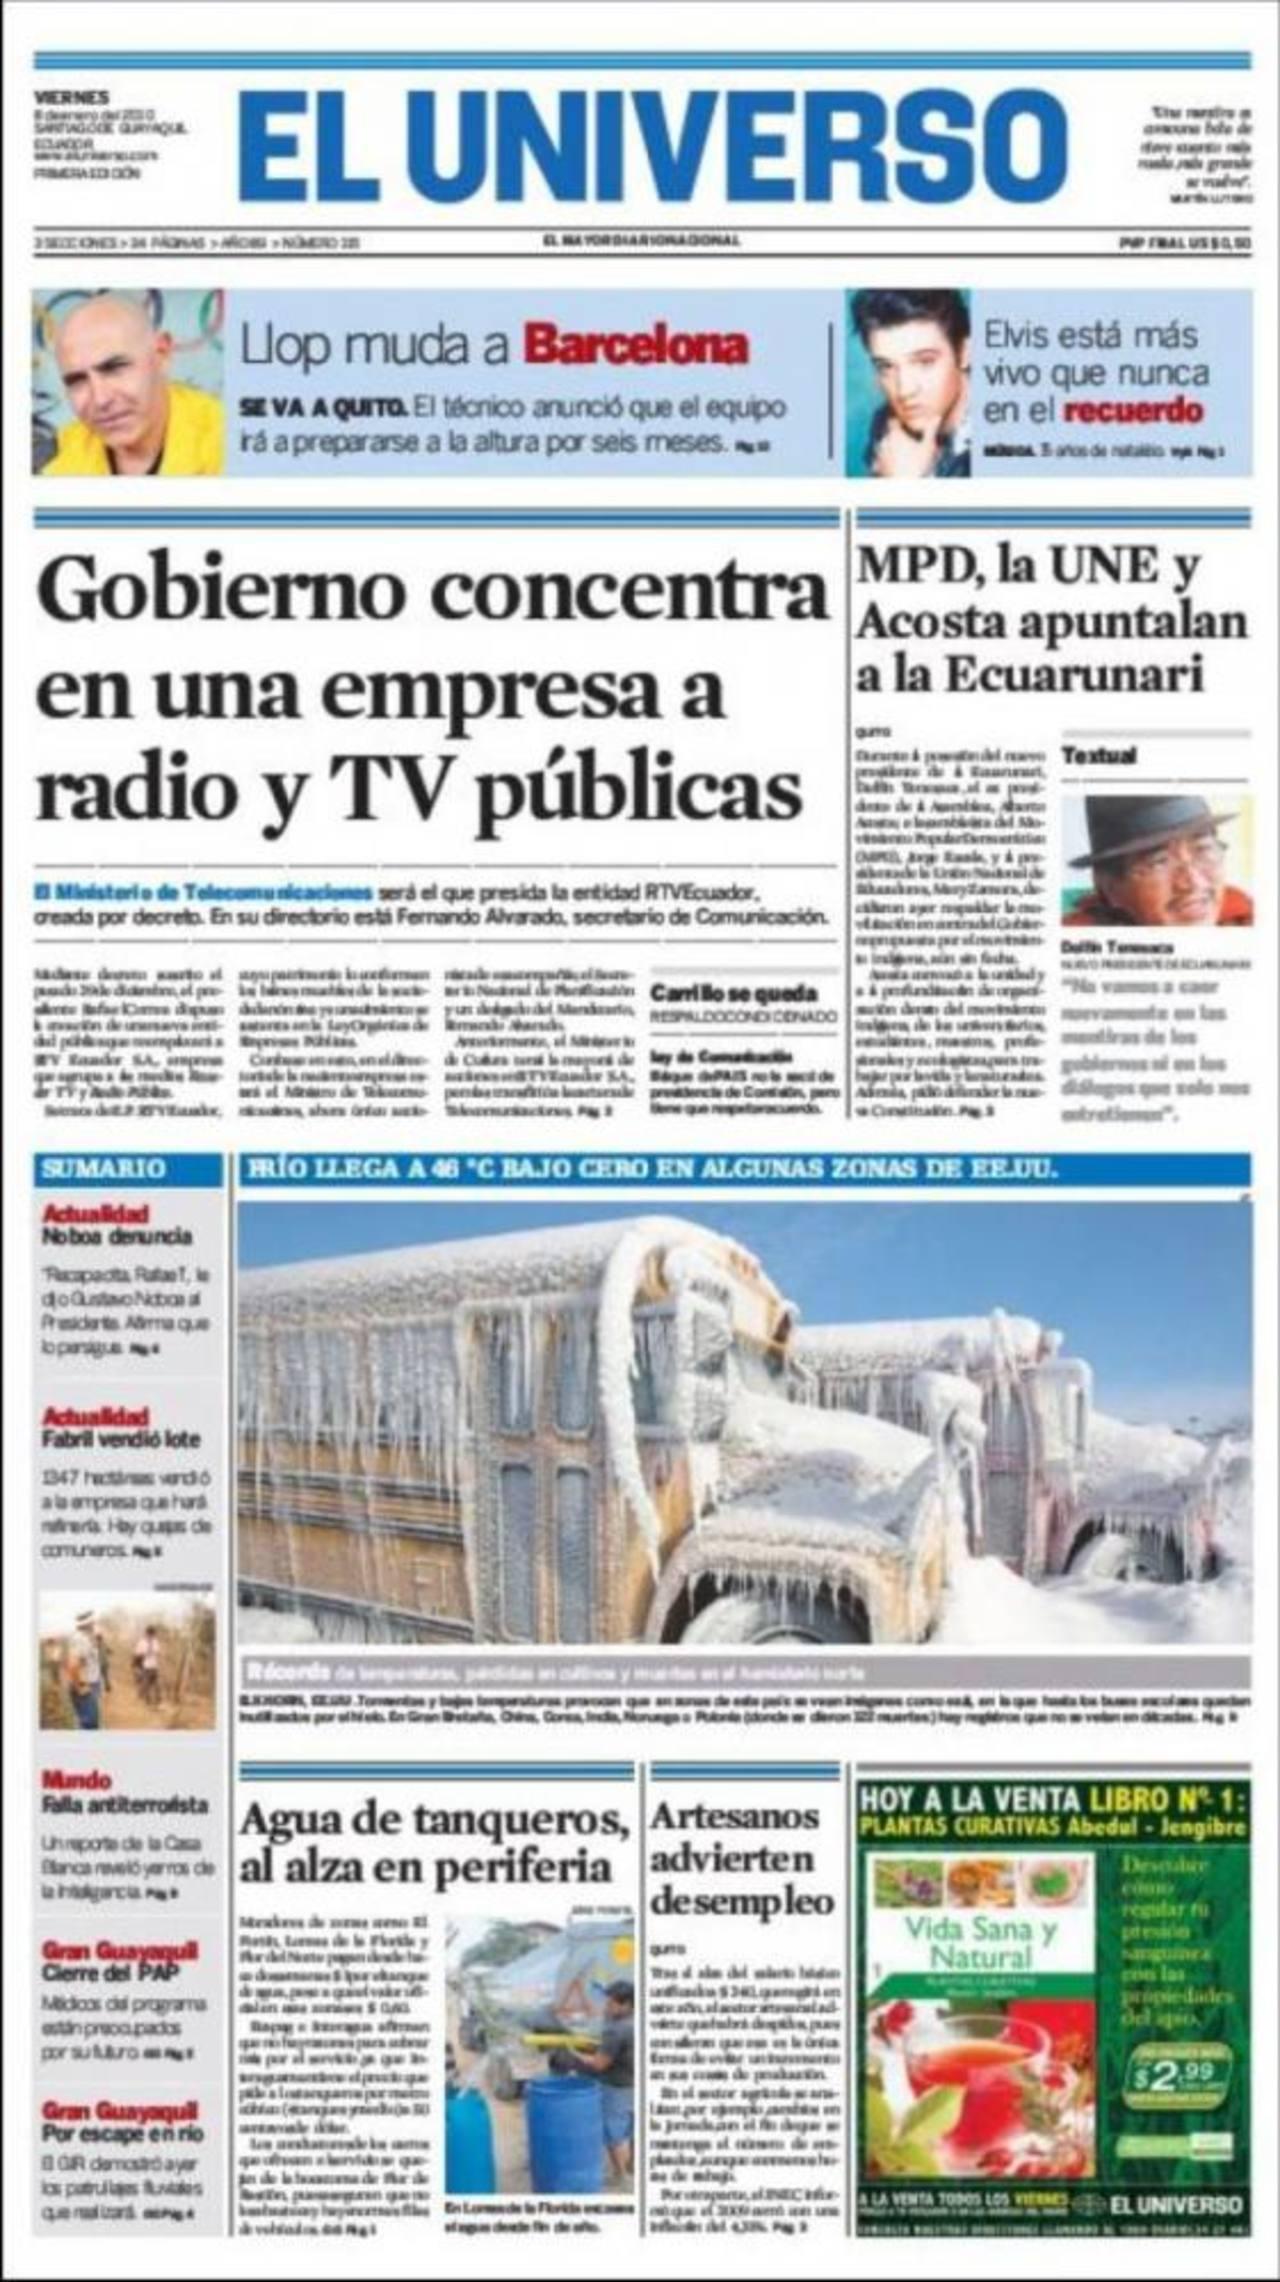 El Universo en los últimos años ha sido crítico con algunas de las políticas del presidente Rafael Correa. foto edh / internet